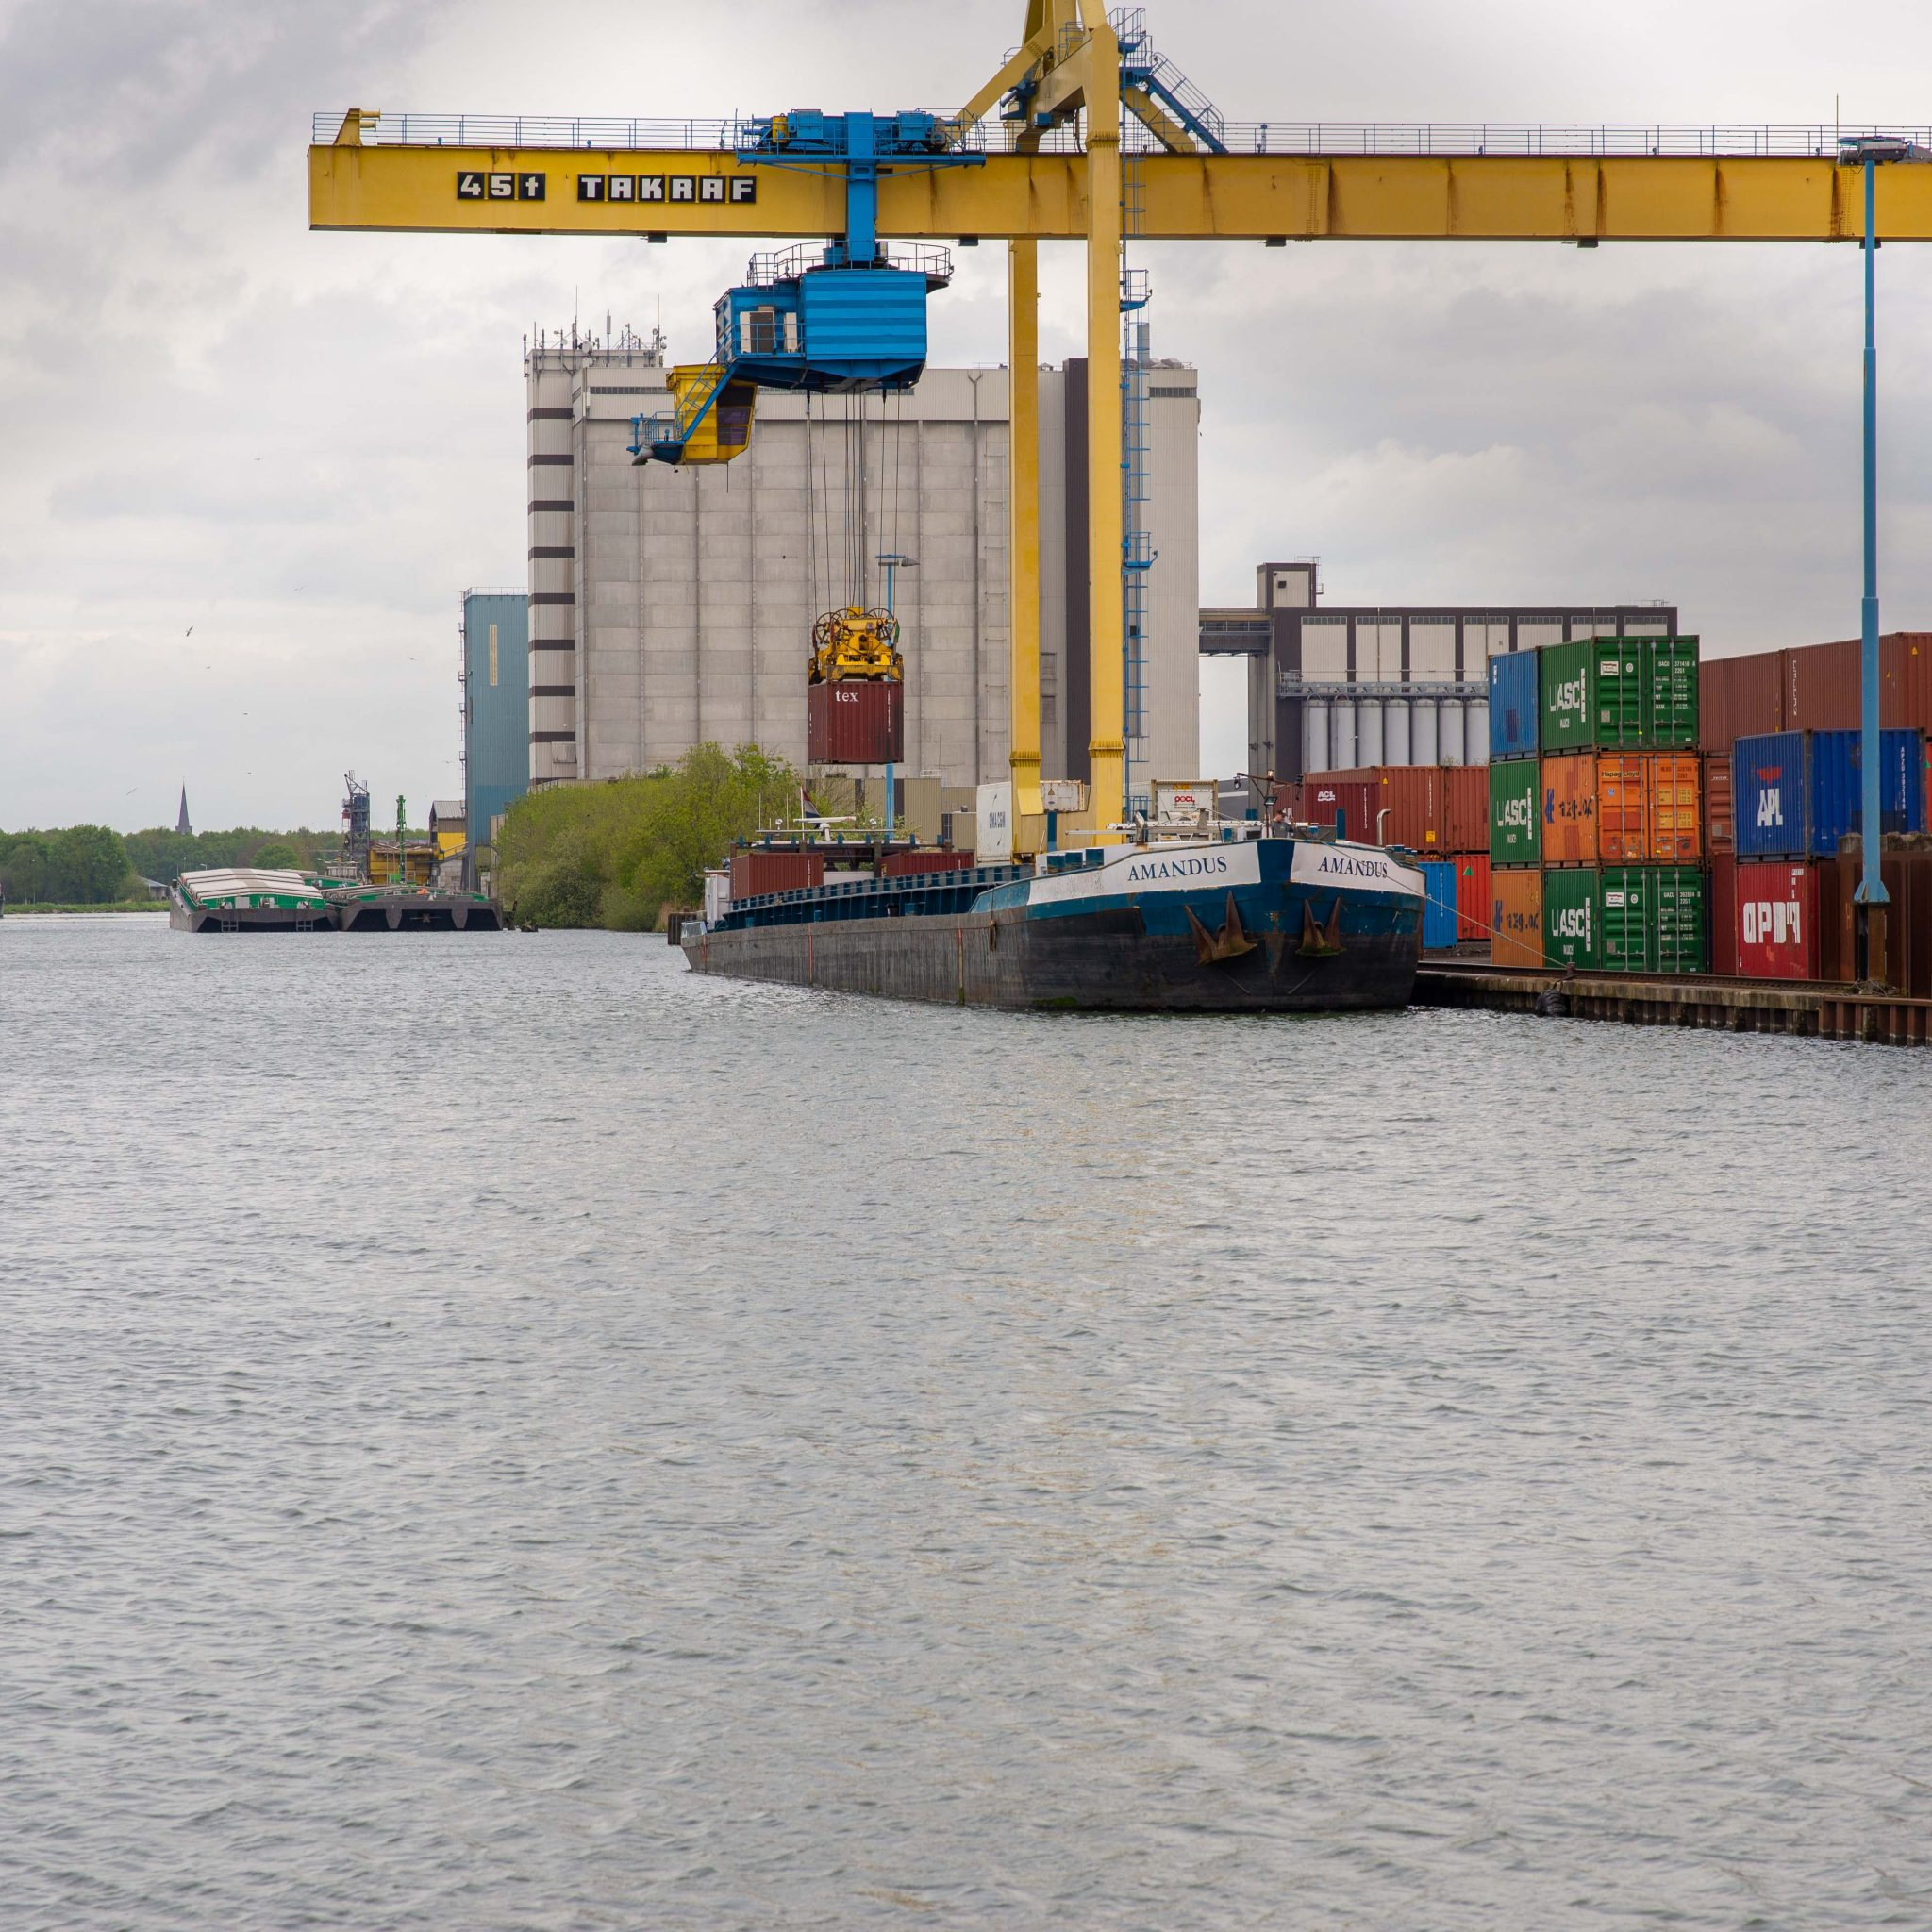 De gemeentelijk haven van Oss. (Foto Bart Oosterveld)